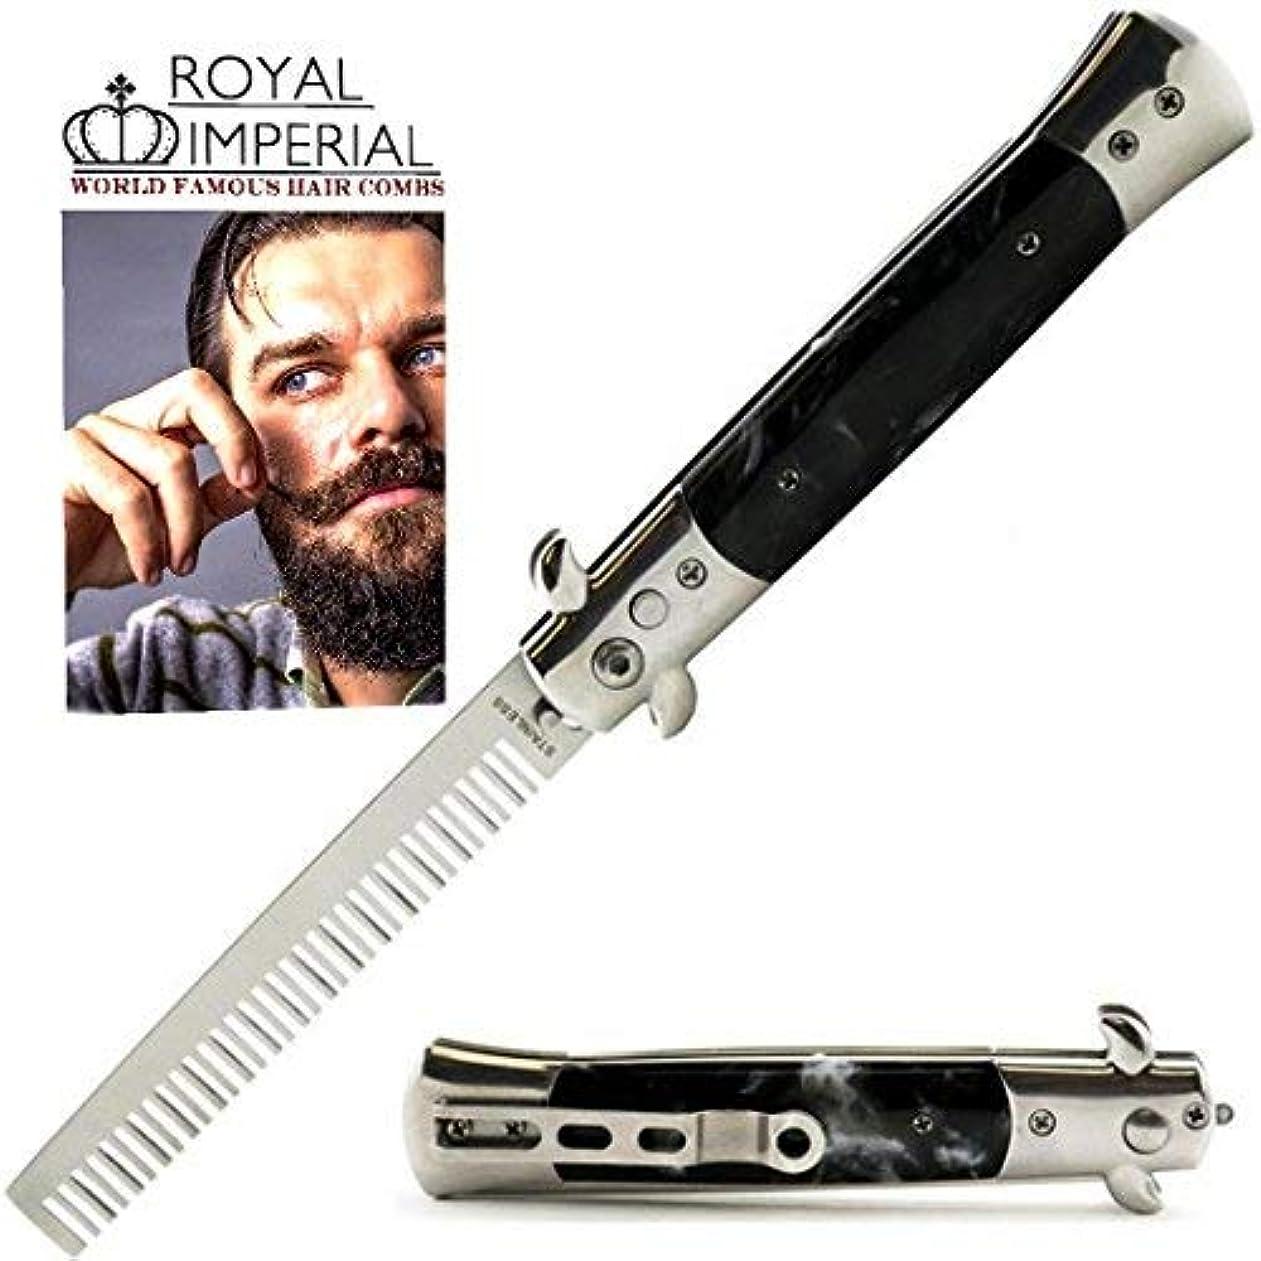 失してはいけない飼い慣らすRoyal Imperial Metal Switchblade Pocket Folding Flick Hair Comb For Beard, Mustache, Head Black Pearl Handle ~...